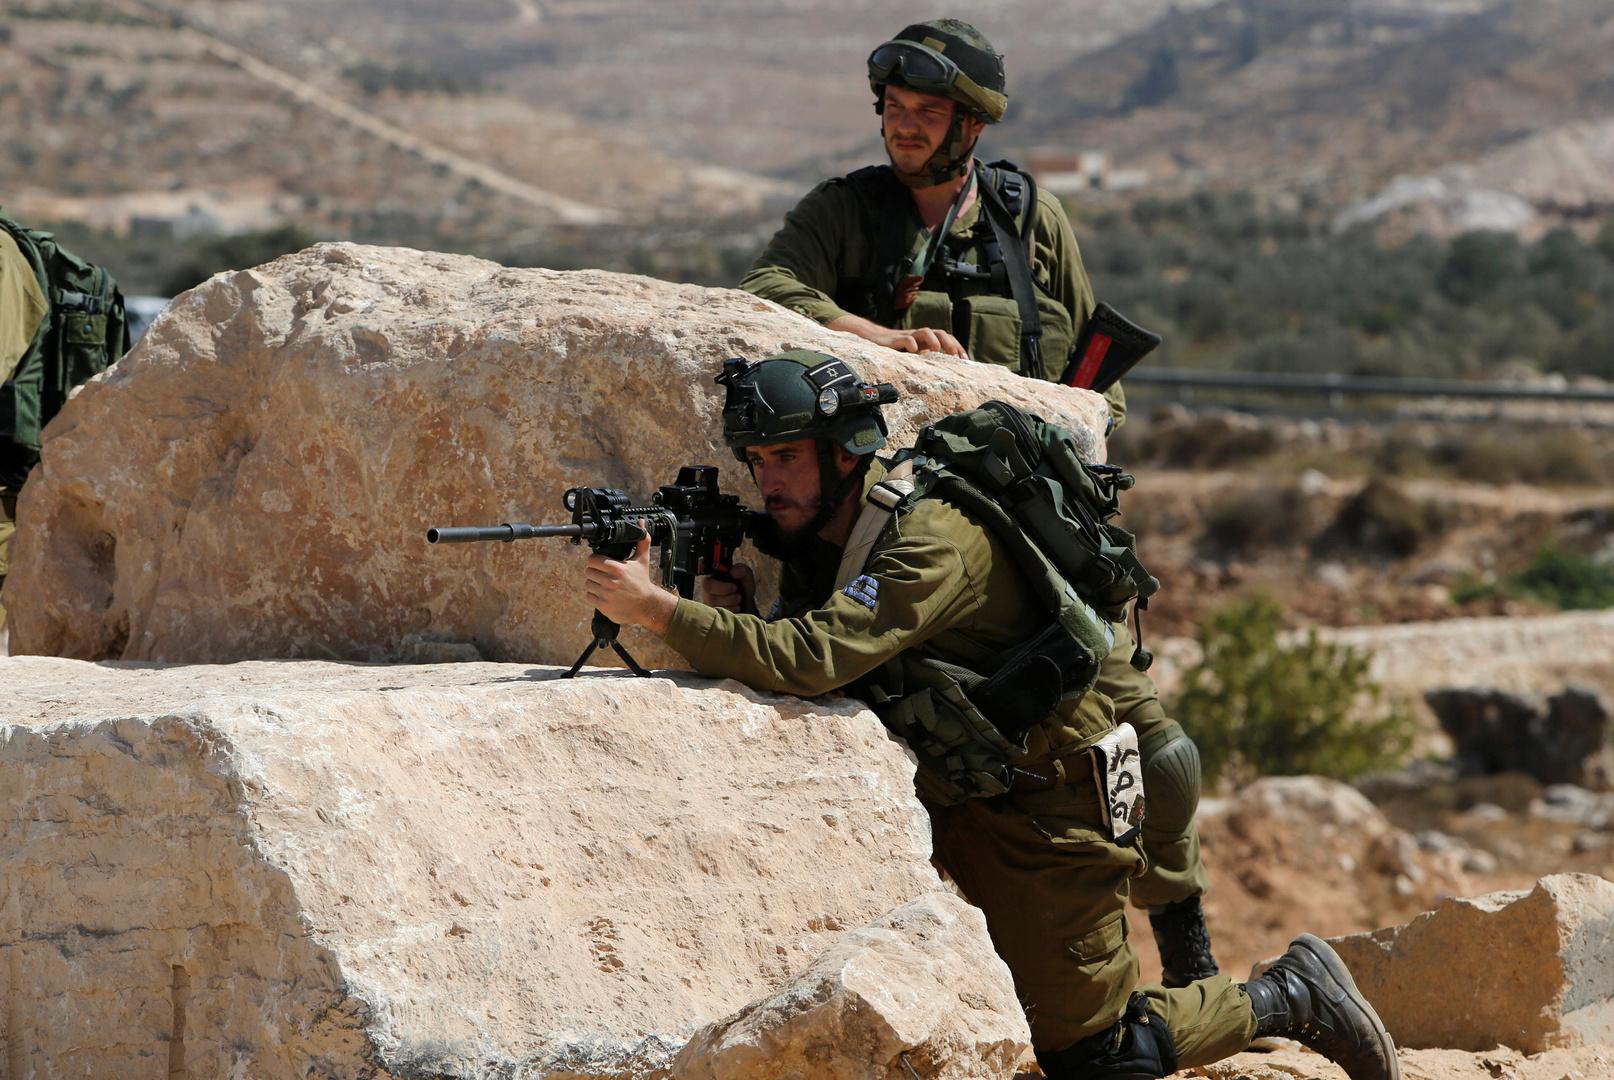 لبنان يقدم شكوى إلى مجلس الأمن بشأن القصف الإسرائيلي على أراضيه